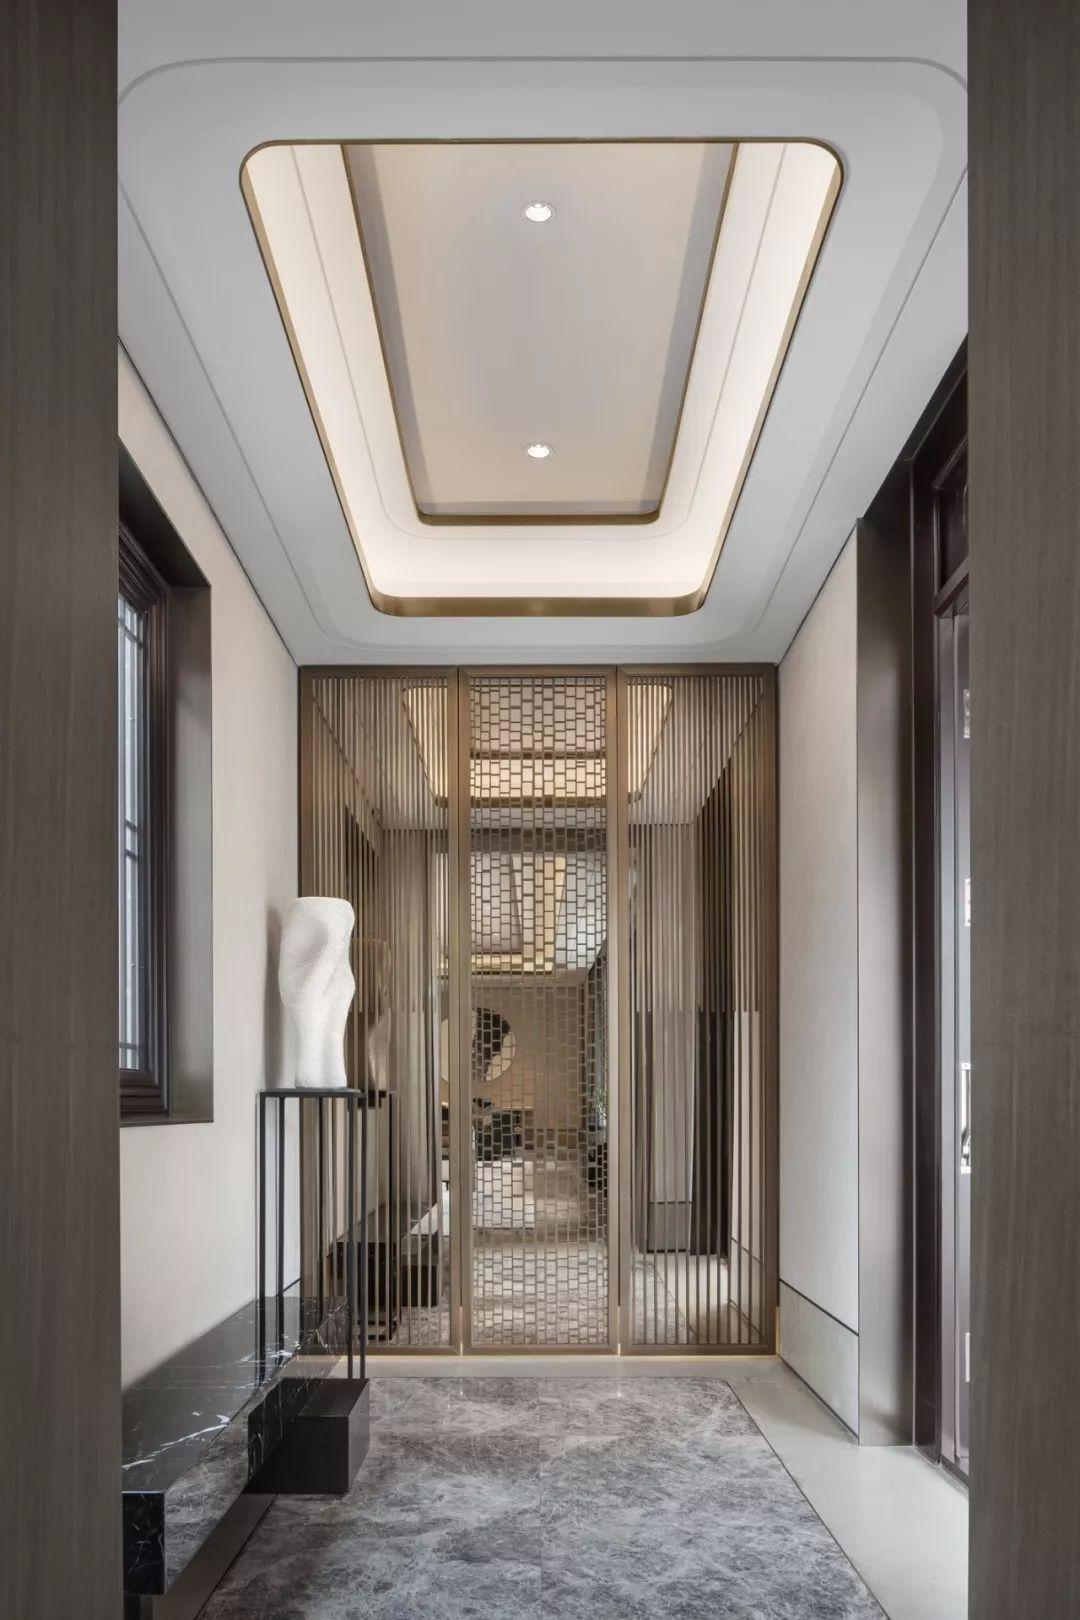 Corridor Design Ceiling: Corridor Design, Dining